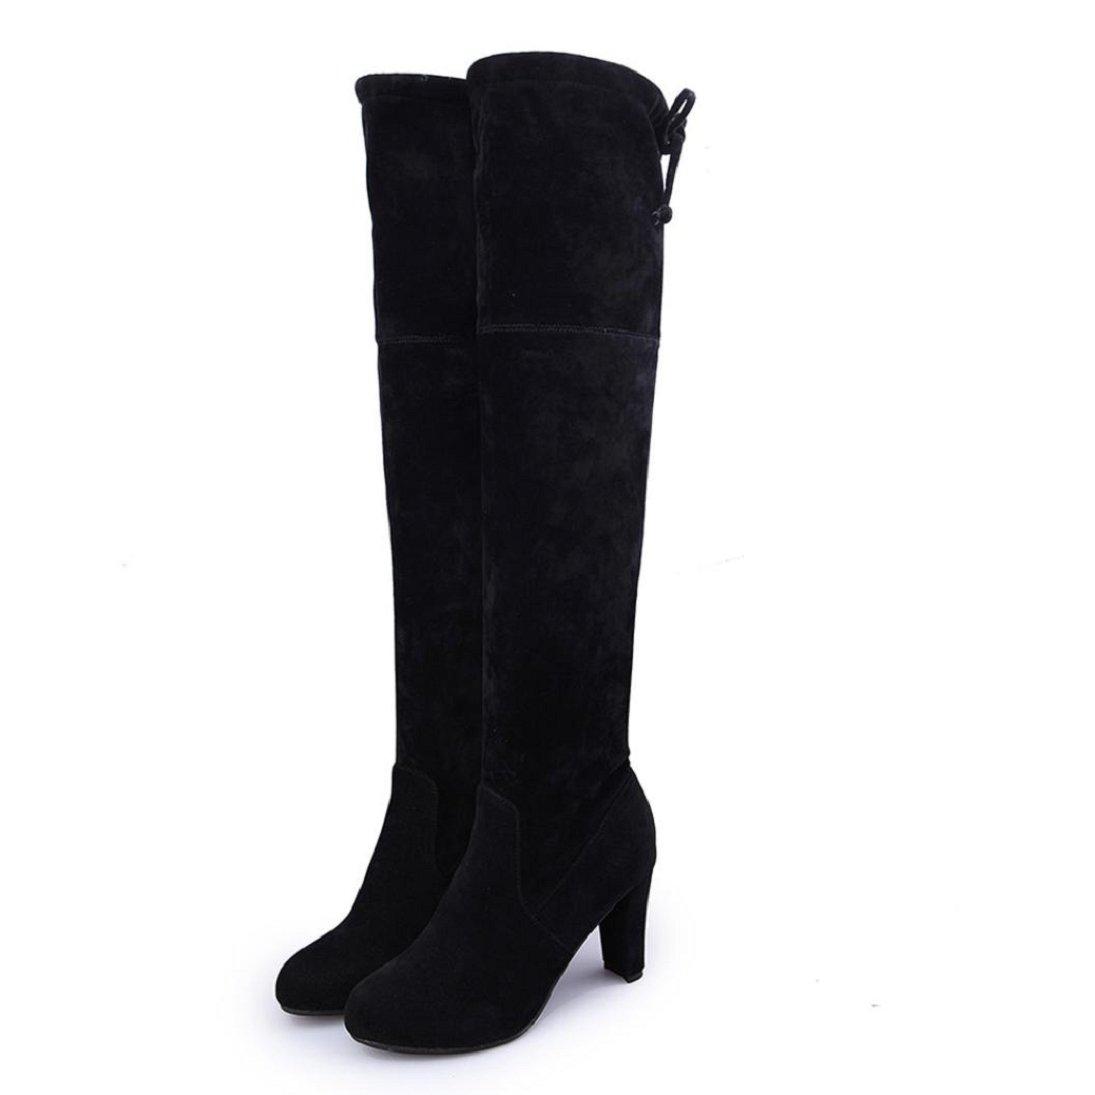 fheavenレディースストレッチ人工スリム高暖かいブーツover the knee bootsハイヒール靴 US:7 レッド Fh-Gjt B01M3PVG29ブラック US:7